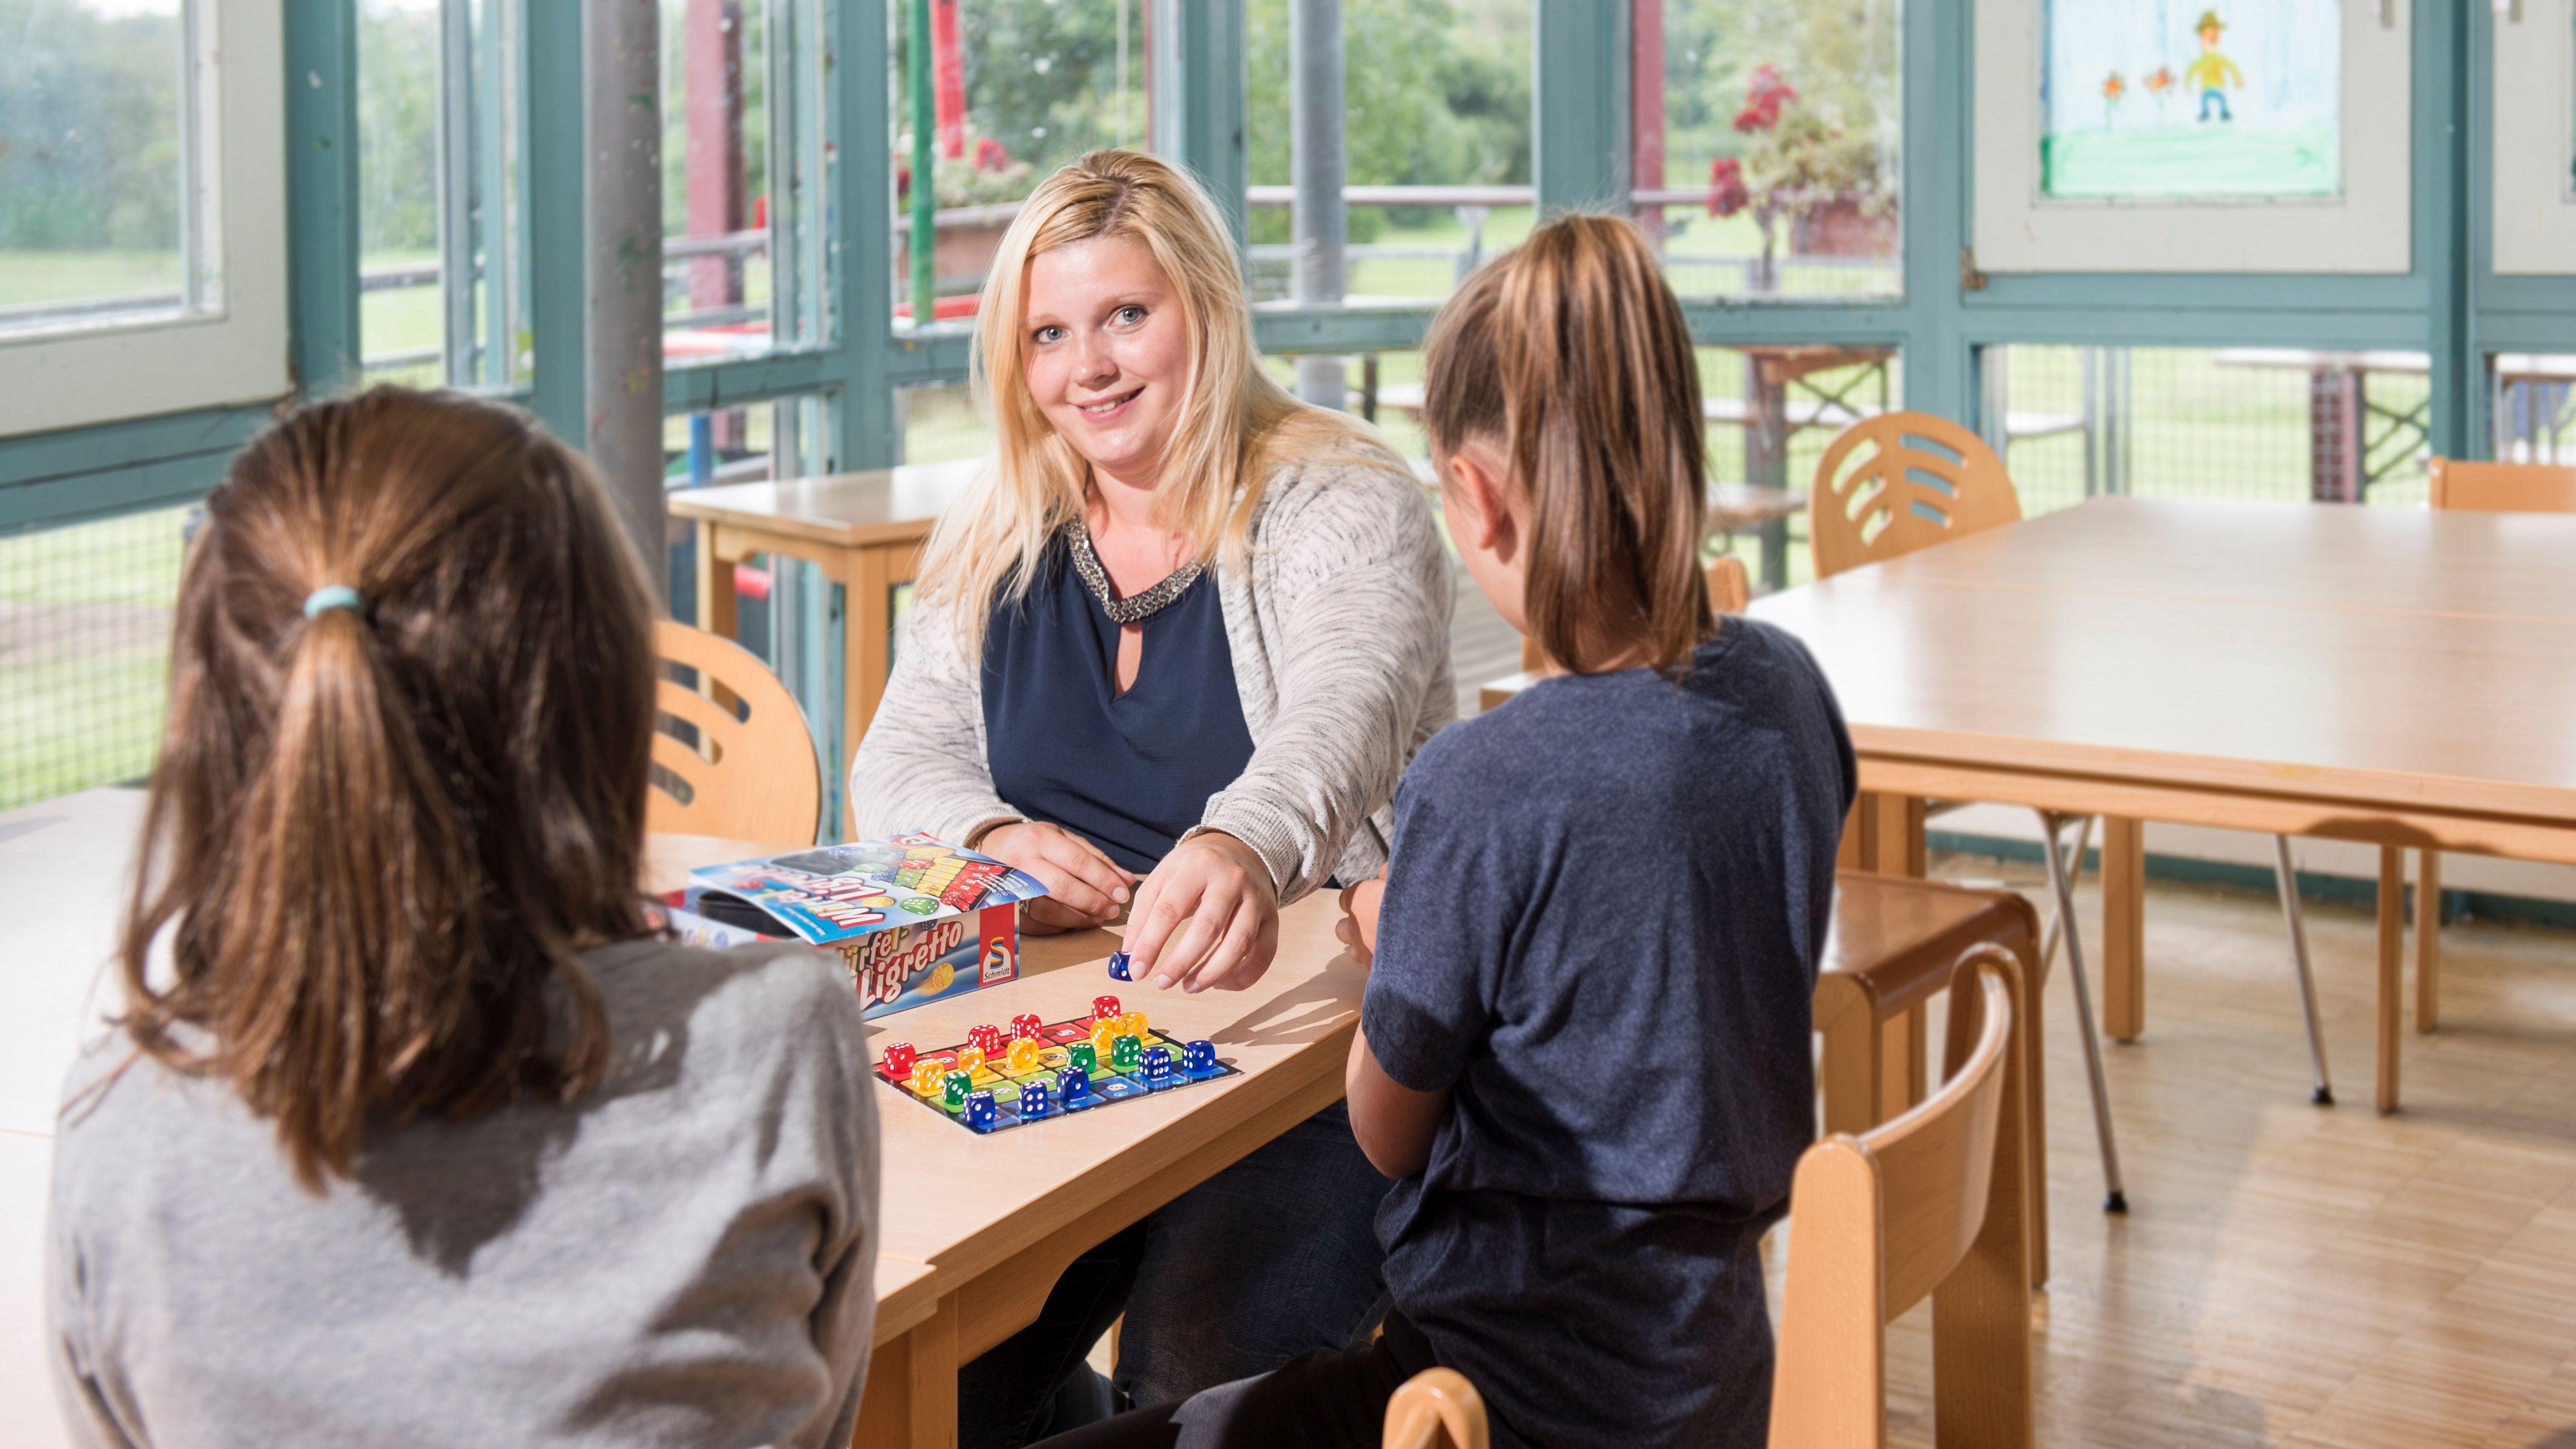 Eine Betreuerin sitzt mit zwei Kindern an einem Tisch und spielt mit ihnen ein Würfelspiel.